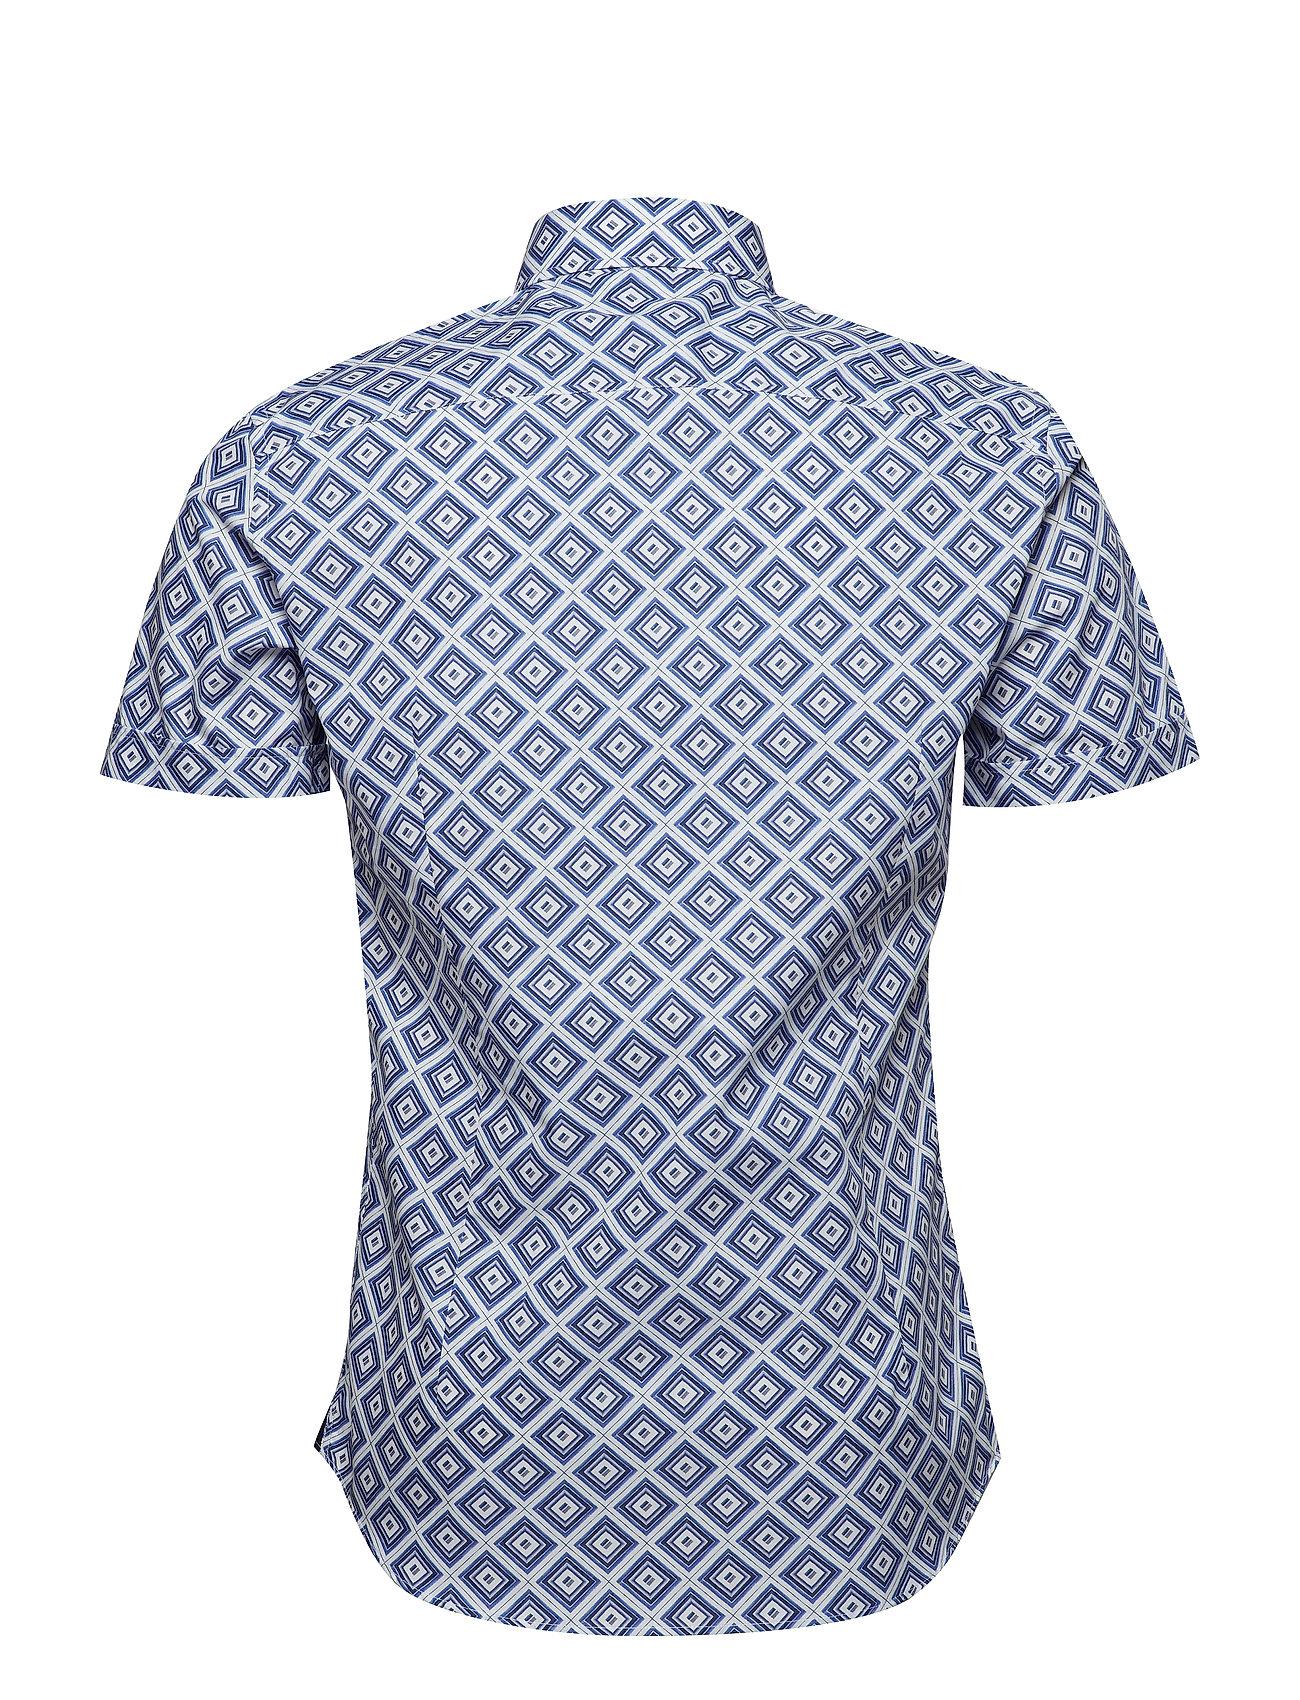 8196Jake Ssmedium Copenhagen By Sc Sand BlueXo Shirtmaker EW2HYD9I